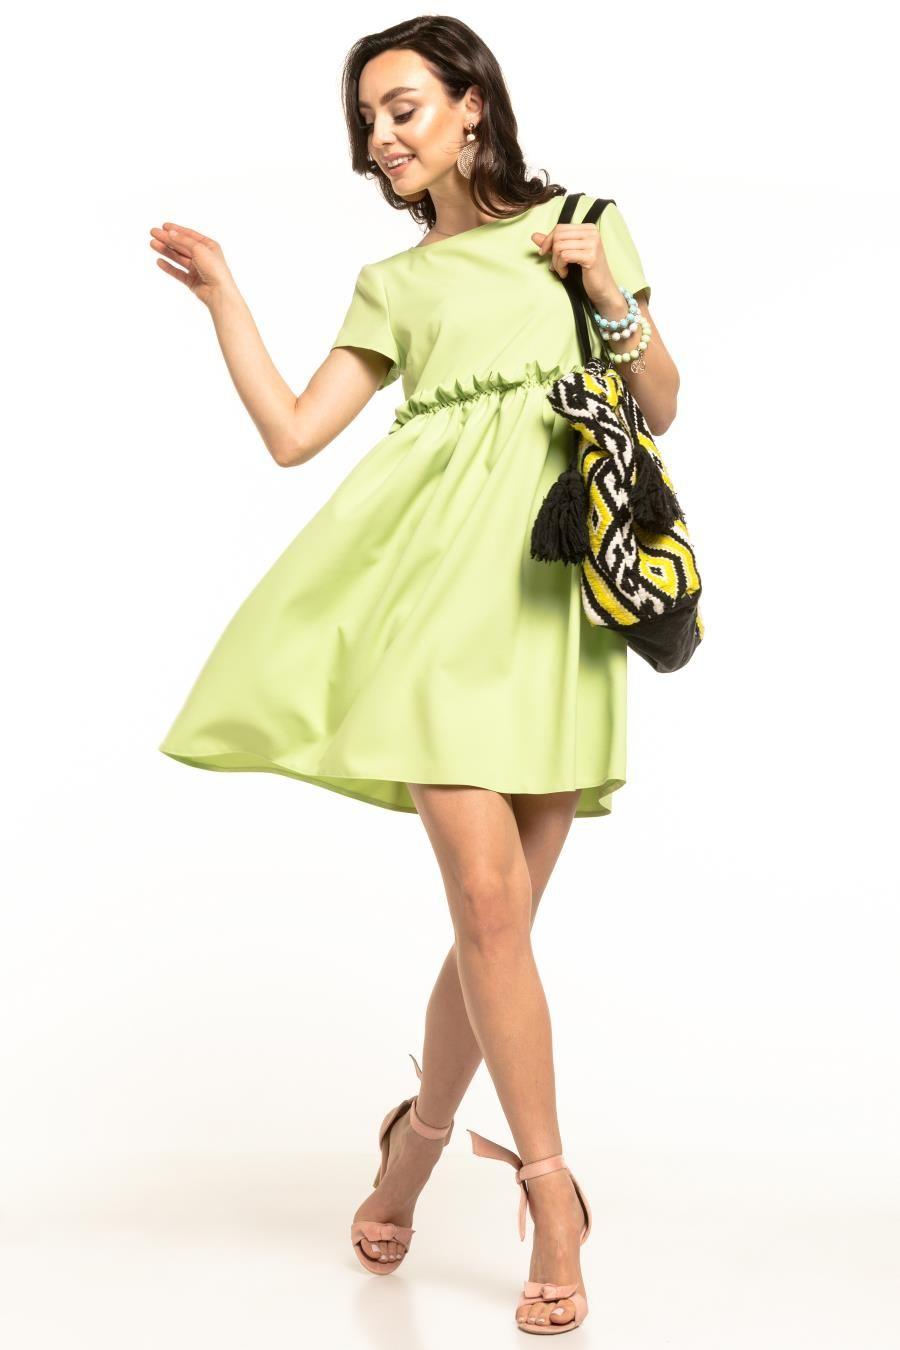 Letnia Sukienka Z Marszczeniem Falbanka Jasnozielona Te306 Fashion Cold Shoulder Dress Dresses